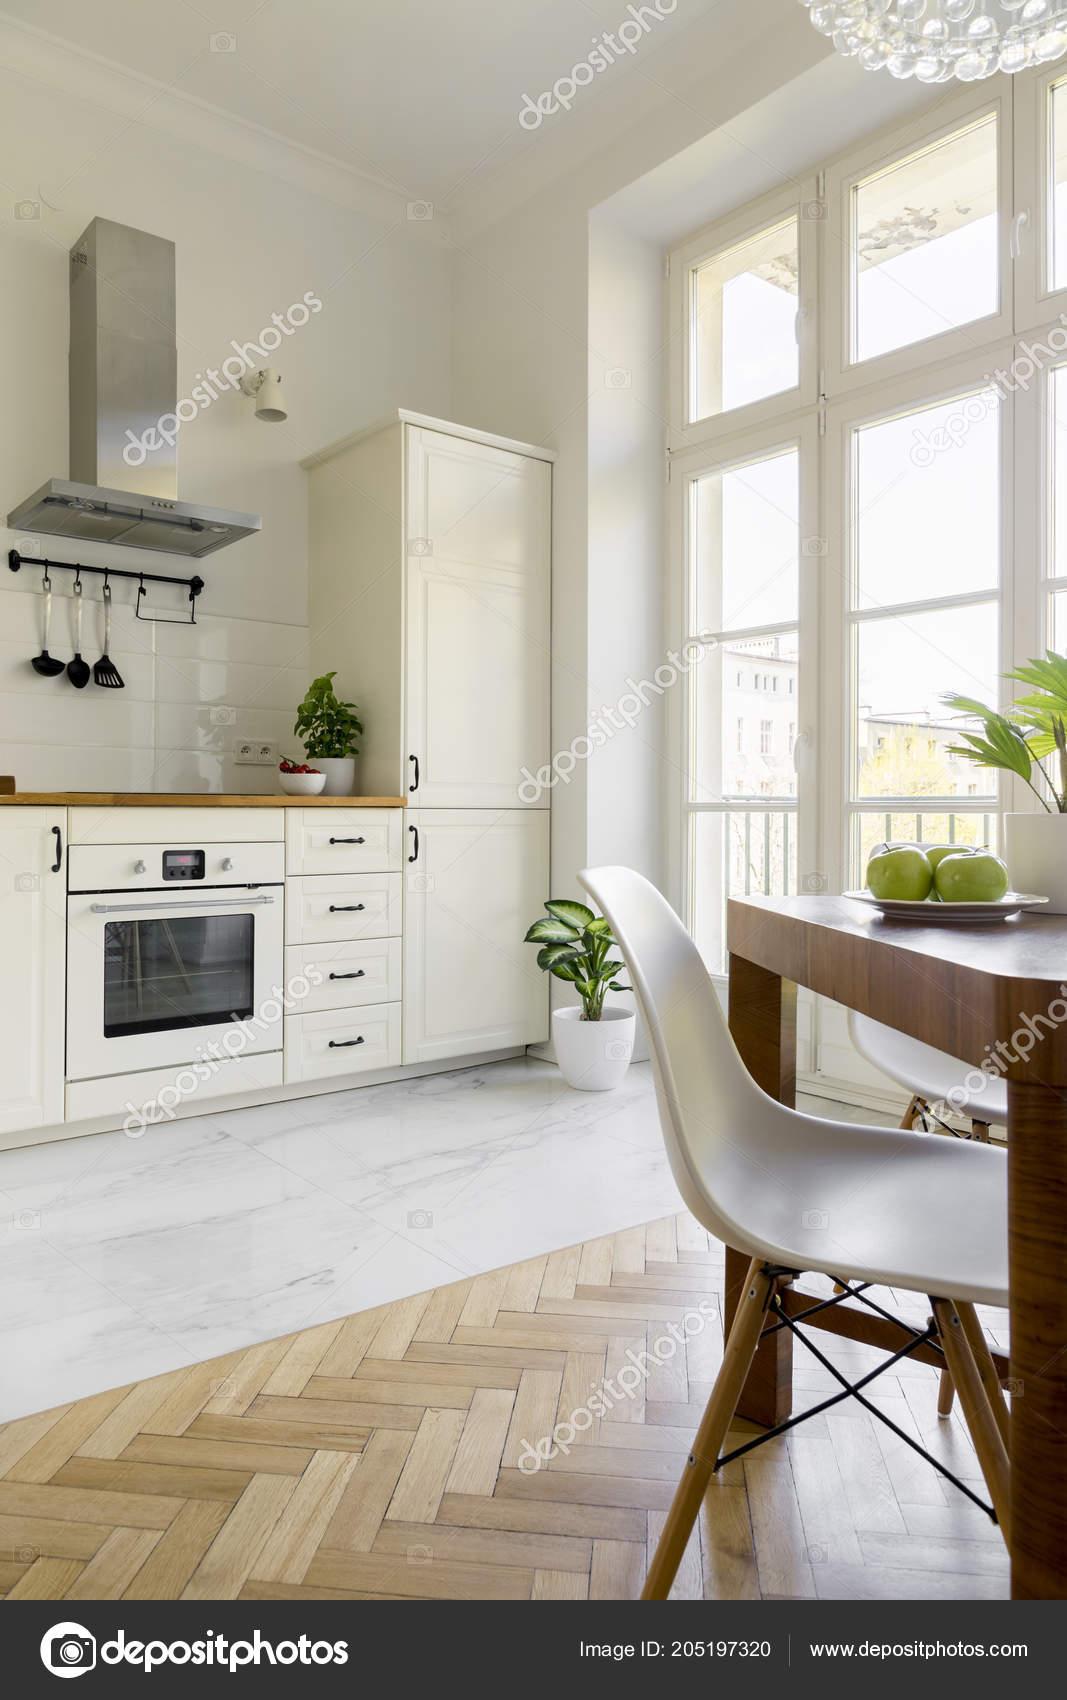 Houten Tafel Met Witte Stoelen.Witte Stoel Houten Eettafel Eenvoudige Keuken Interieur Met